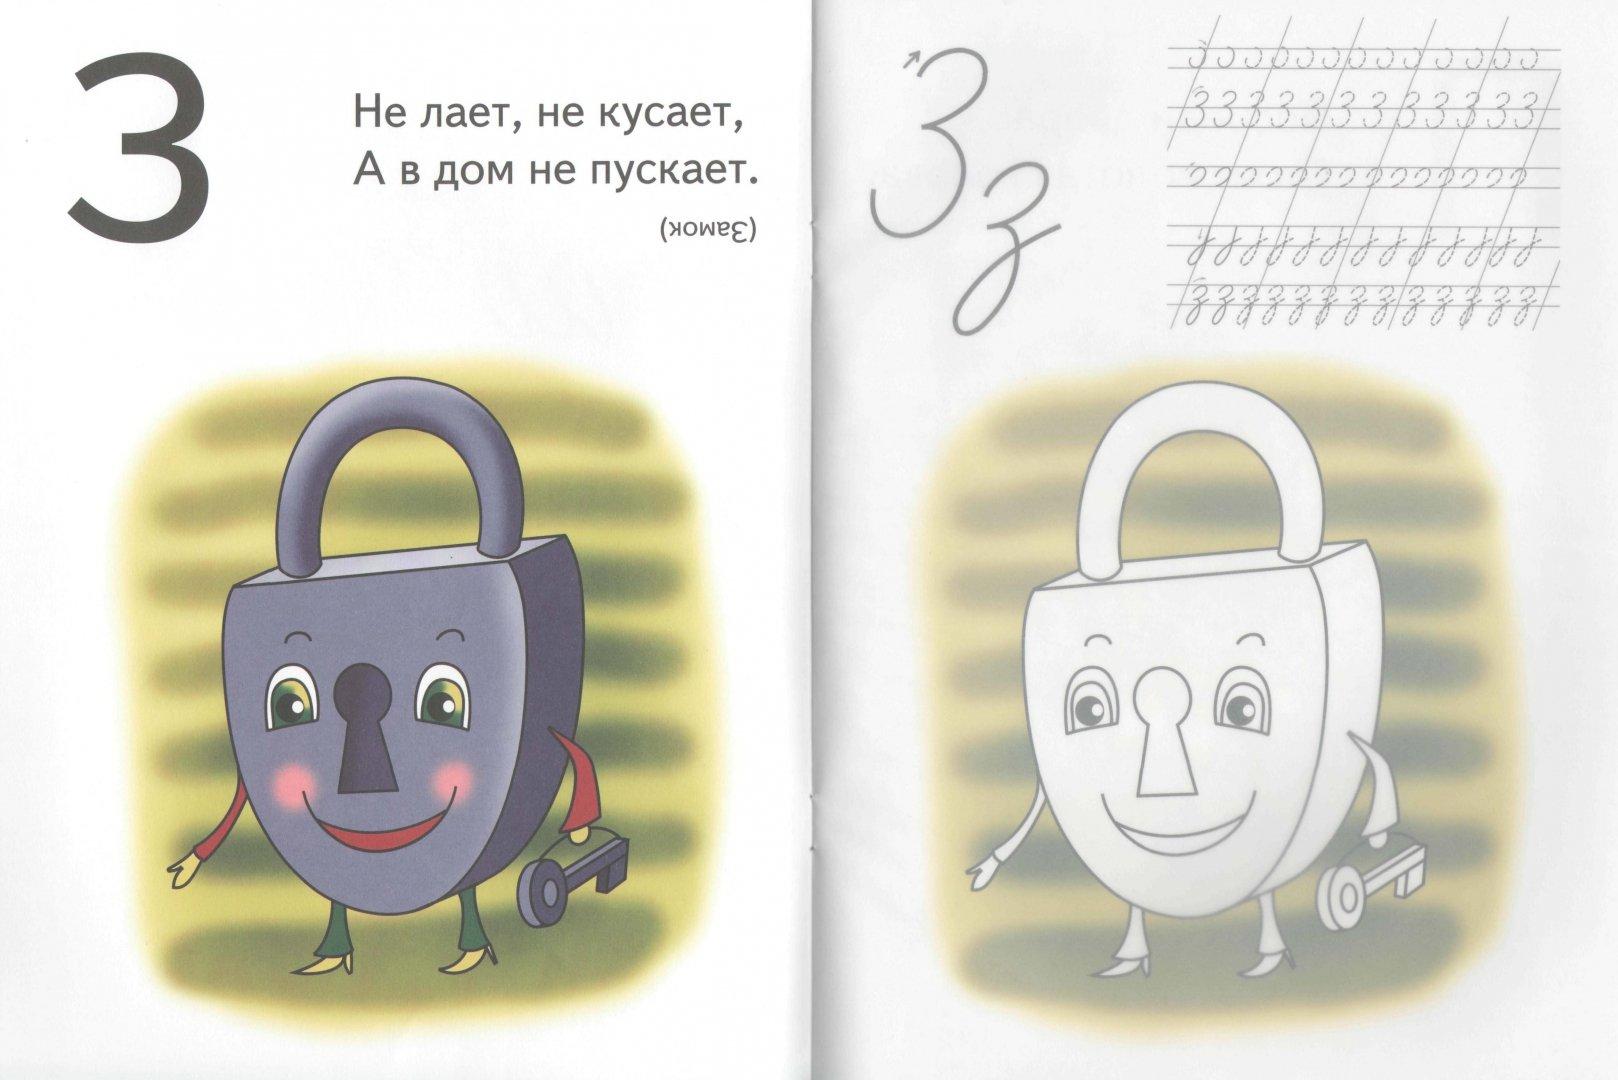 Иллюстрация 1 из 6 для Прописи (собачка) - Игорь Куберский | Лабиринт - книги. Источник: Лабиринт